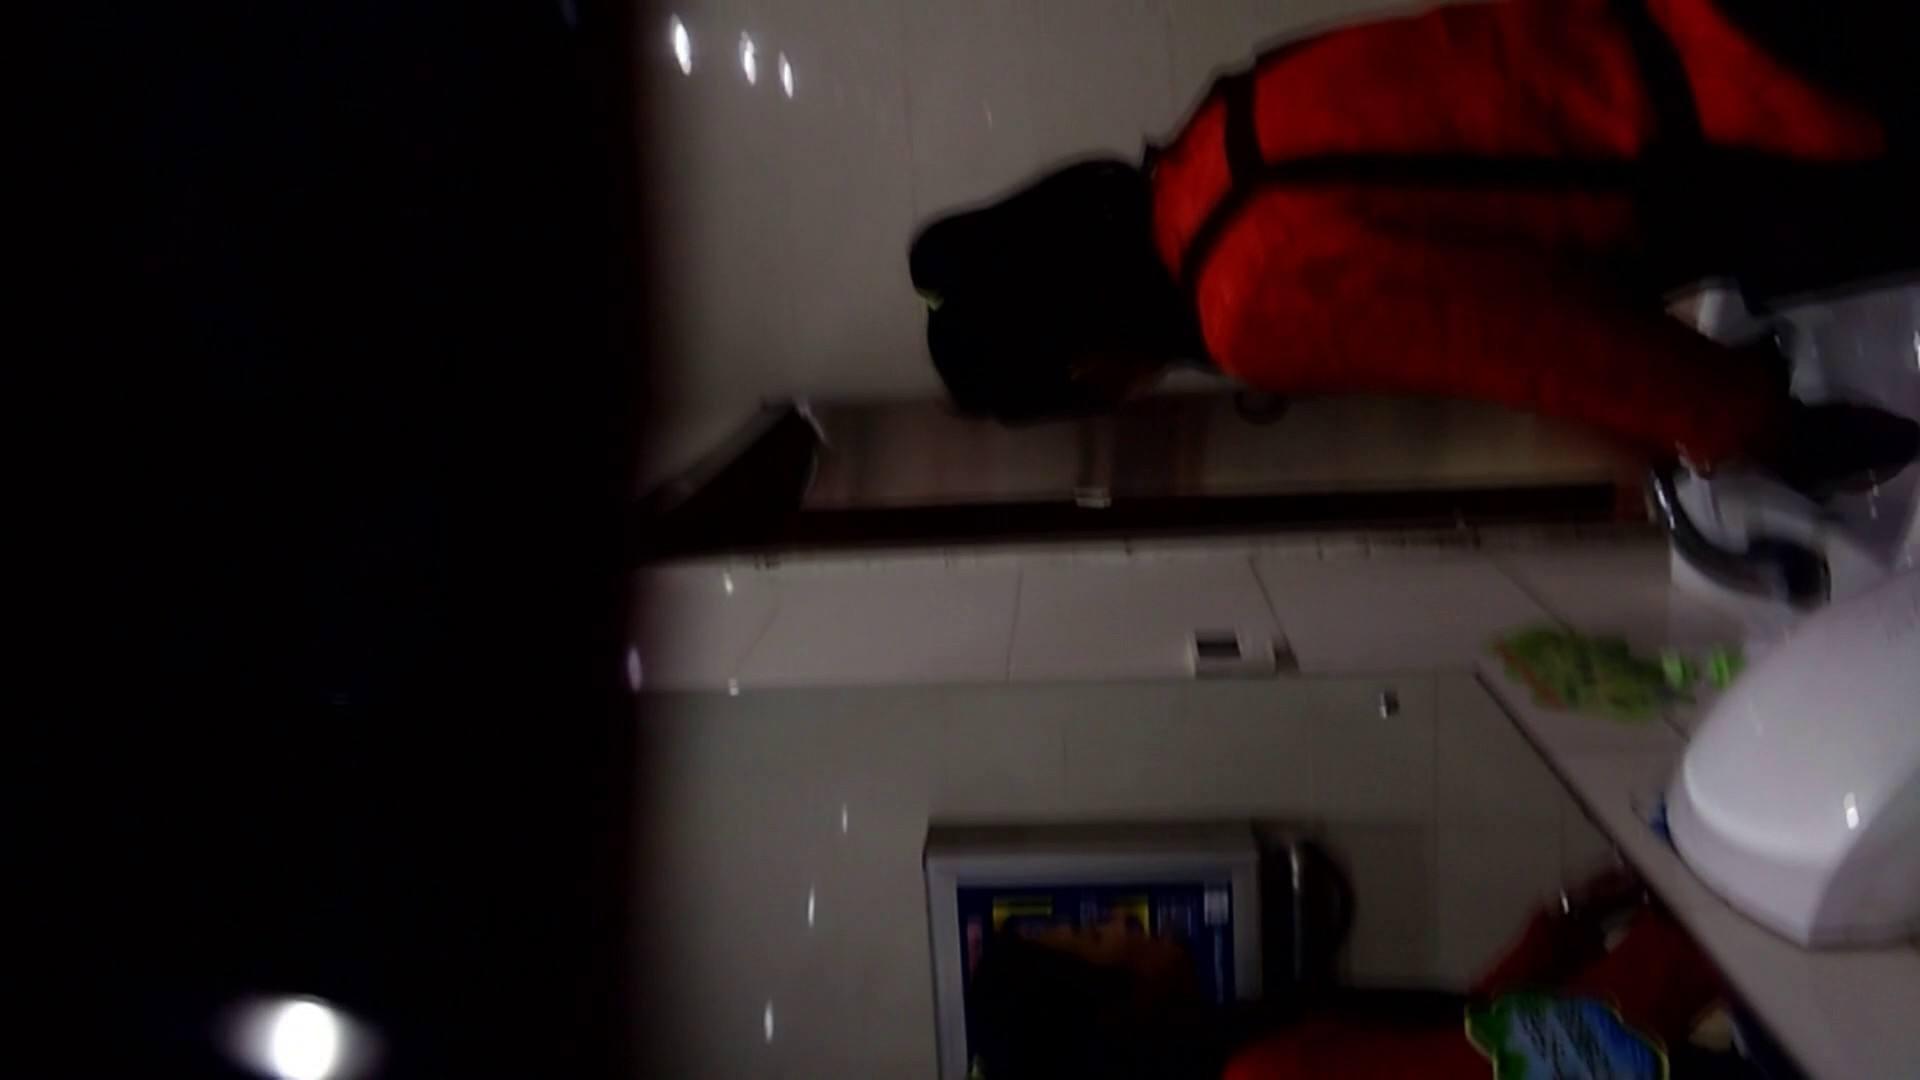 芸術大学ガチ潜入盗撮 JD盗撮 美女の洗面所の秘密 Vol.105 高画質動画 AV無料動画キャプチャ 90画像 67